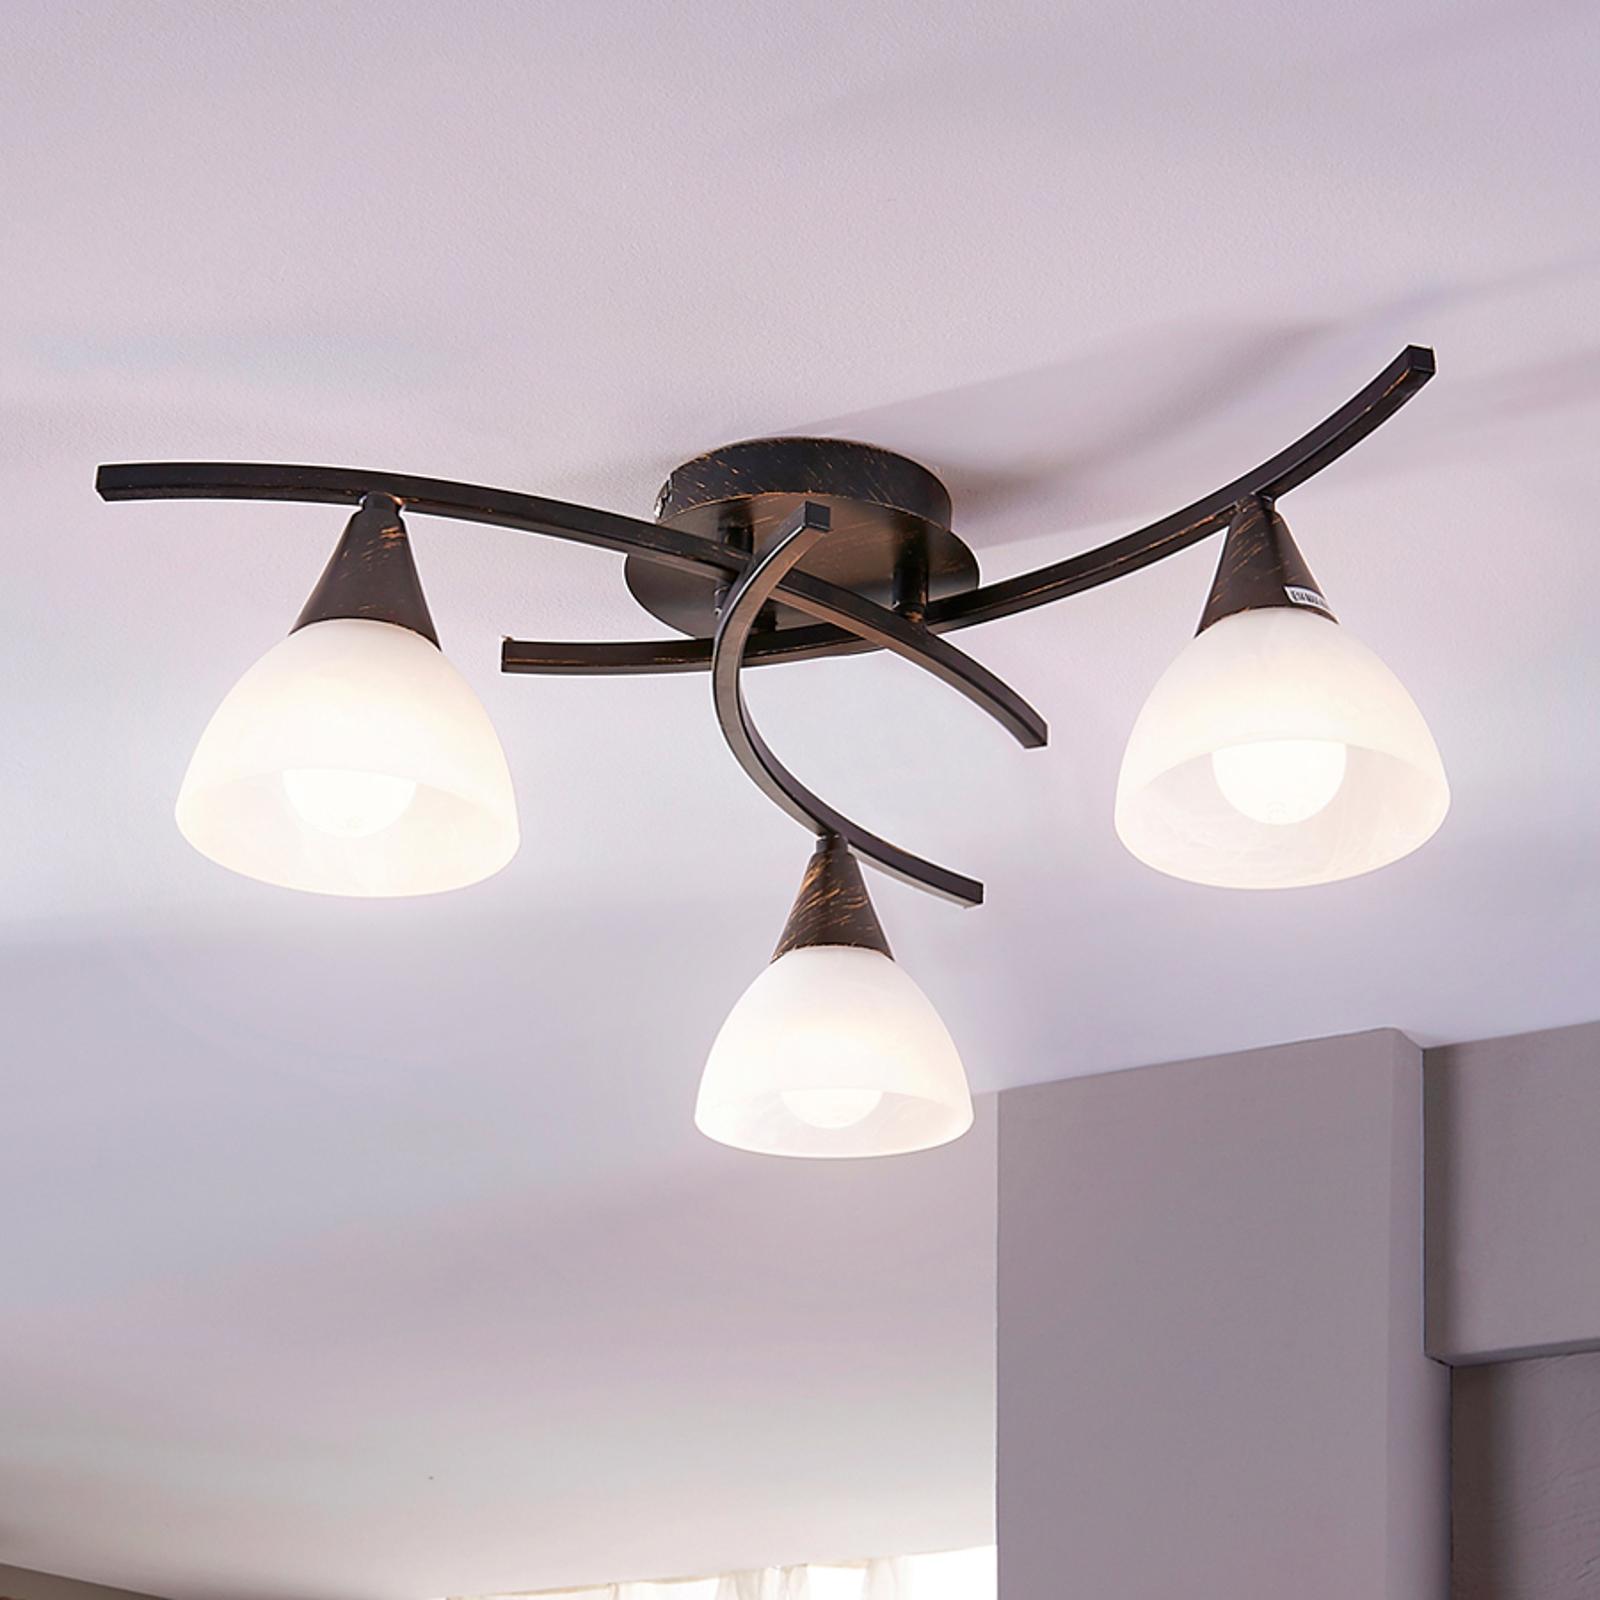 Dreiflammige LED-Deckenlampe Della, schwarz-gold